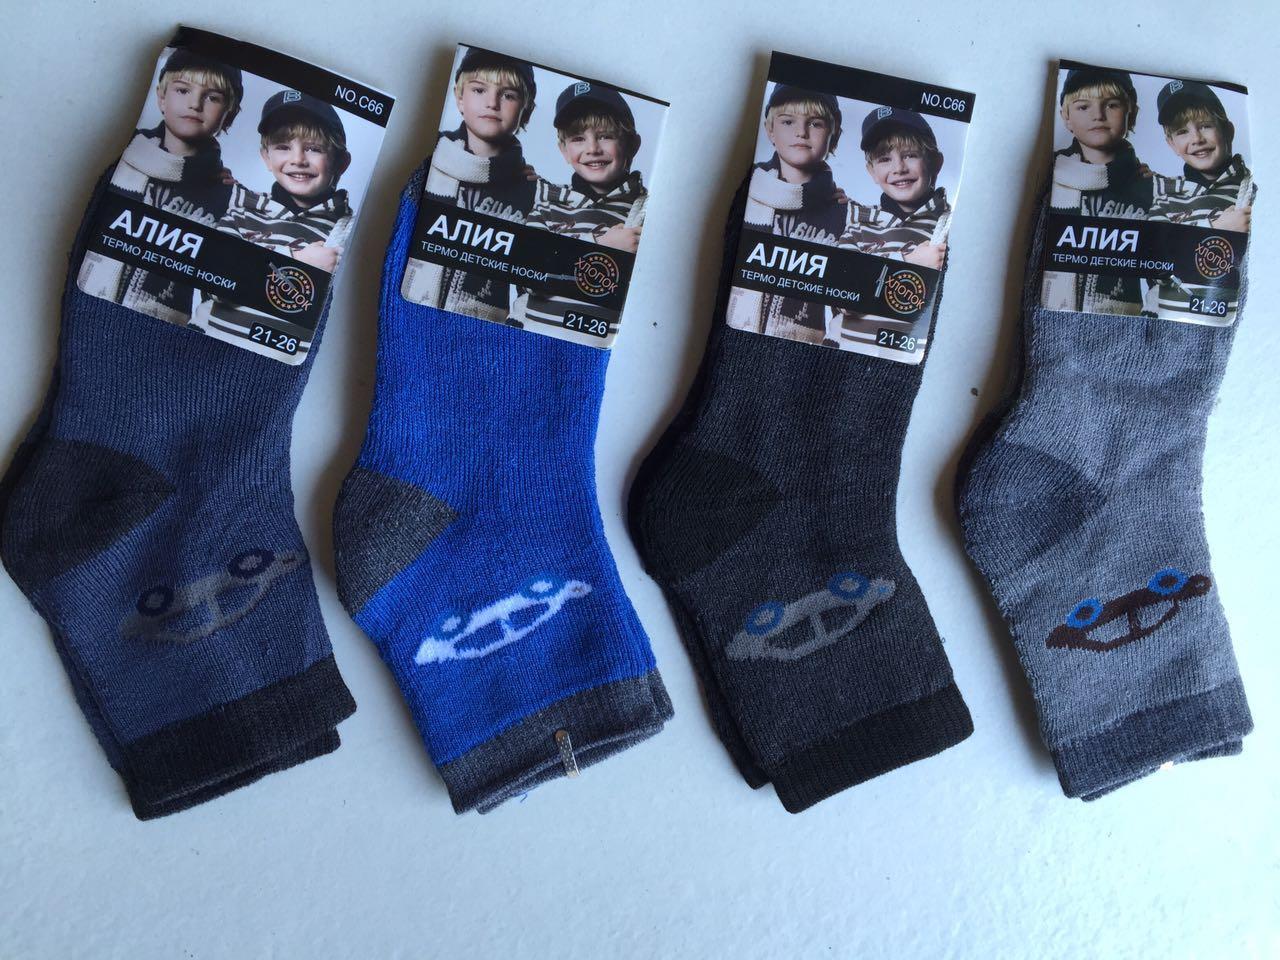 Детские носки термо Алия 95% хлопок. Р.-р.21-26